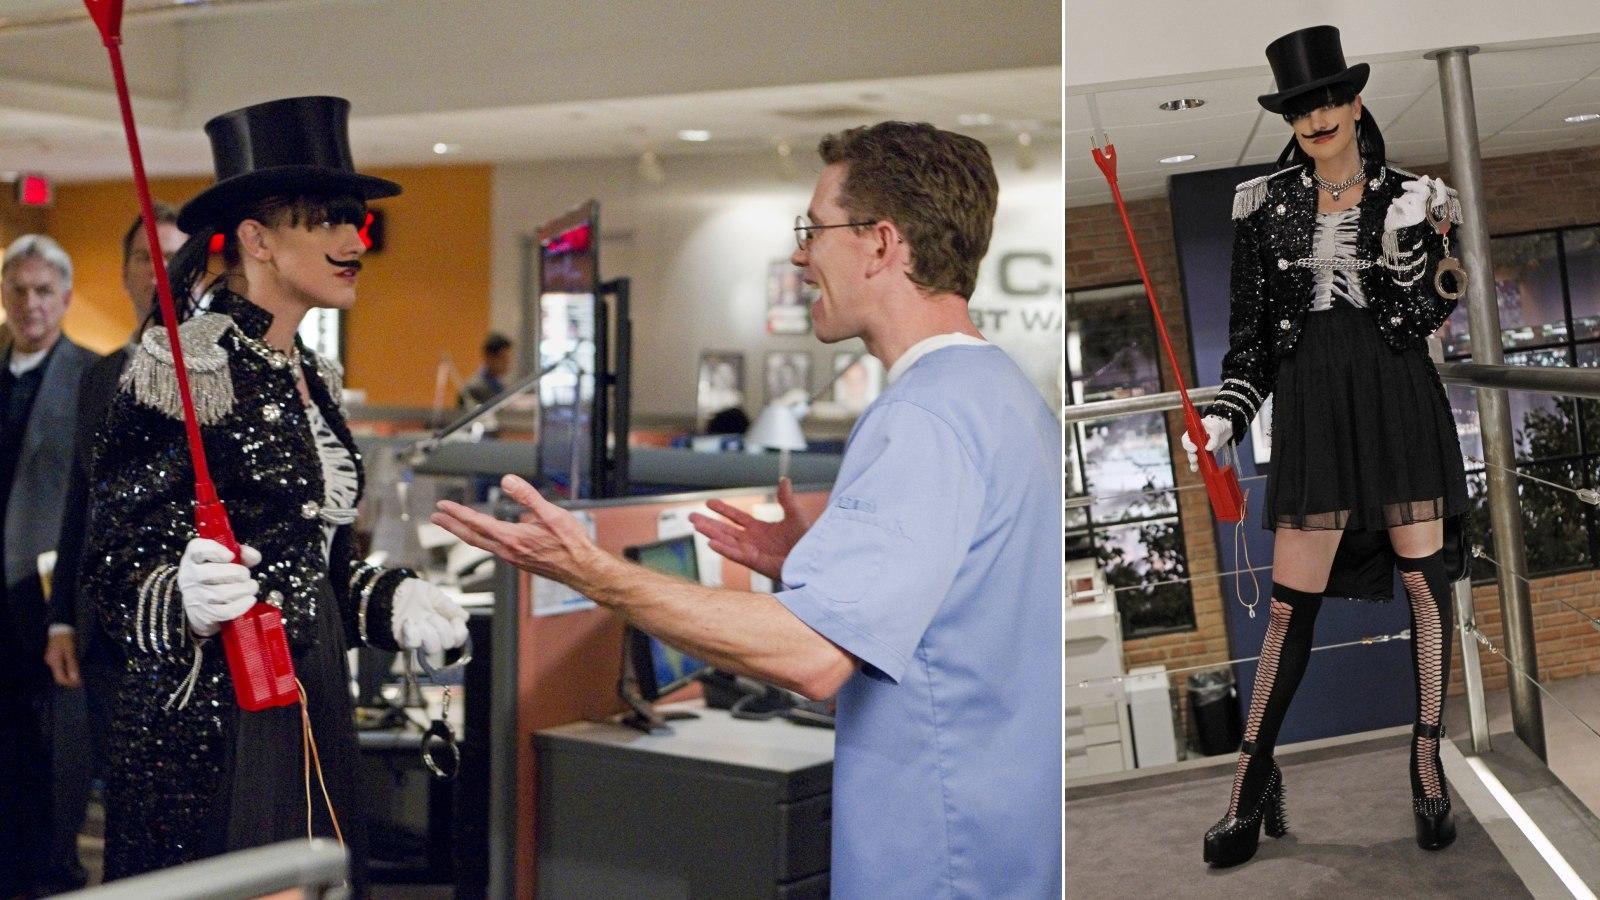 Rachel Goodnak az a kedvence, amikor a forgatókönyv szabad teret enged a jelmeznek. Ilyenkor születnek a legvadabb dolgok, itt Abby például oroszlánszelidítőként jelenik meg. Bajusszal. (CBS)